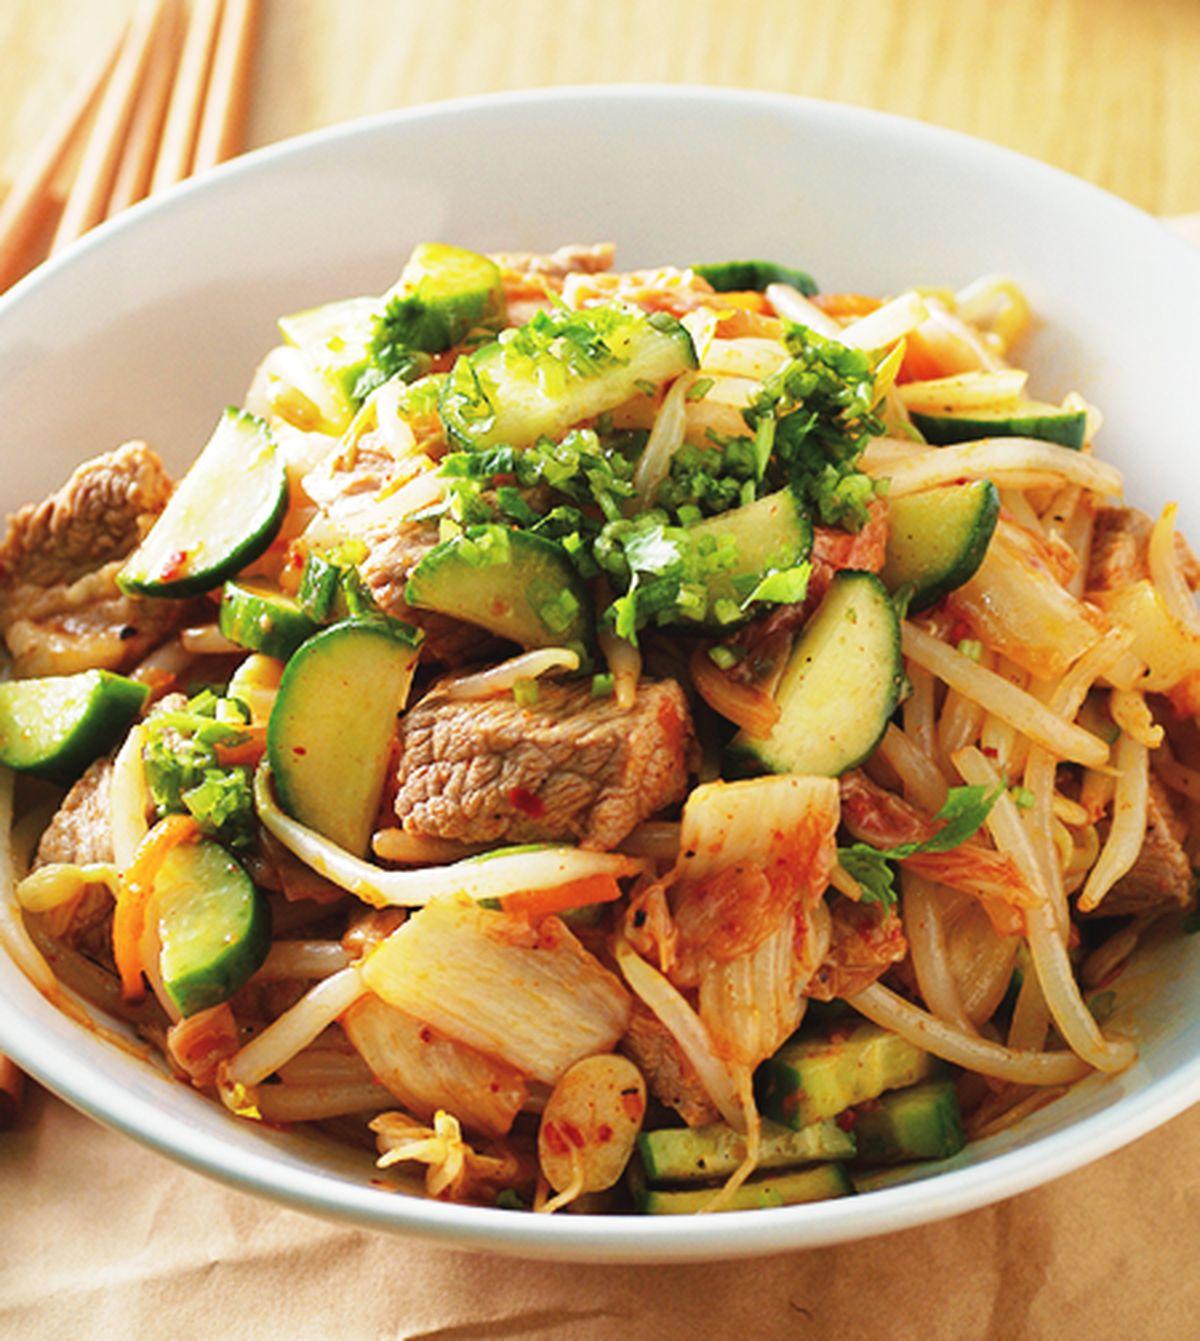 食譜:泡菜拌牛肉